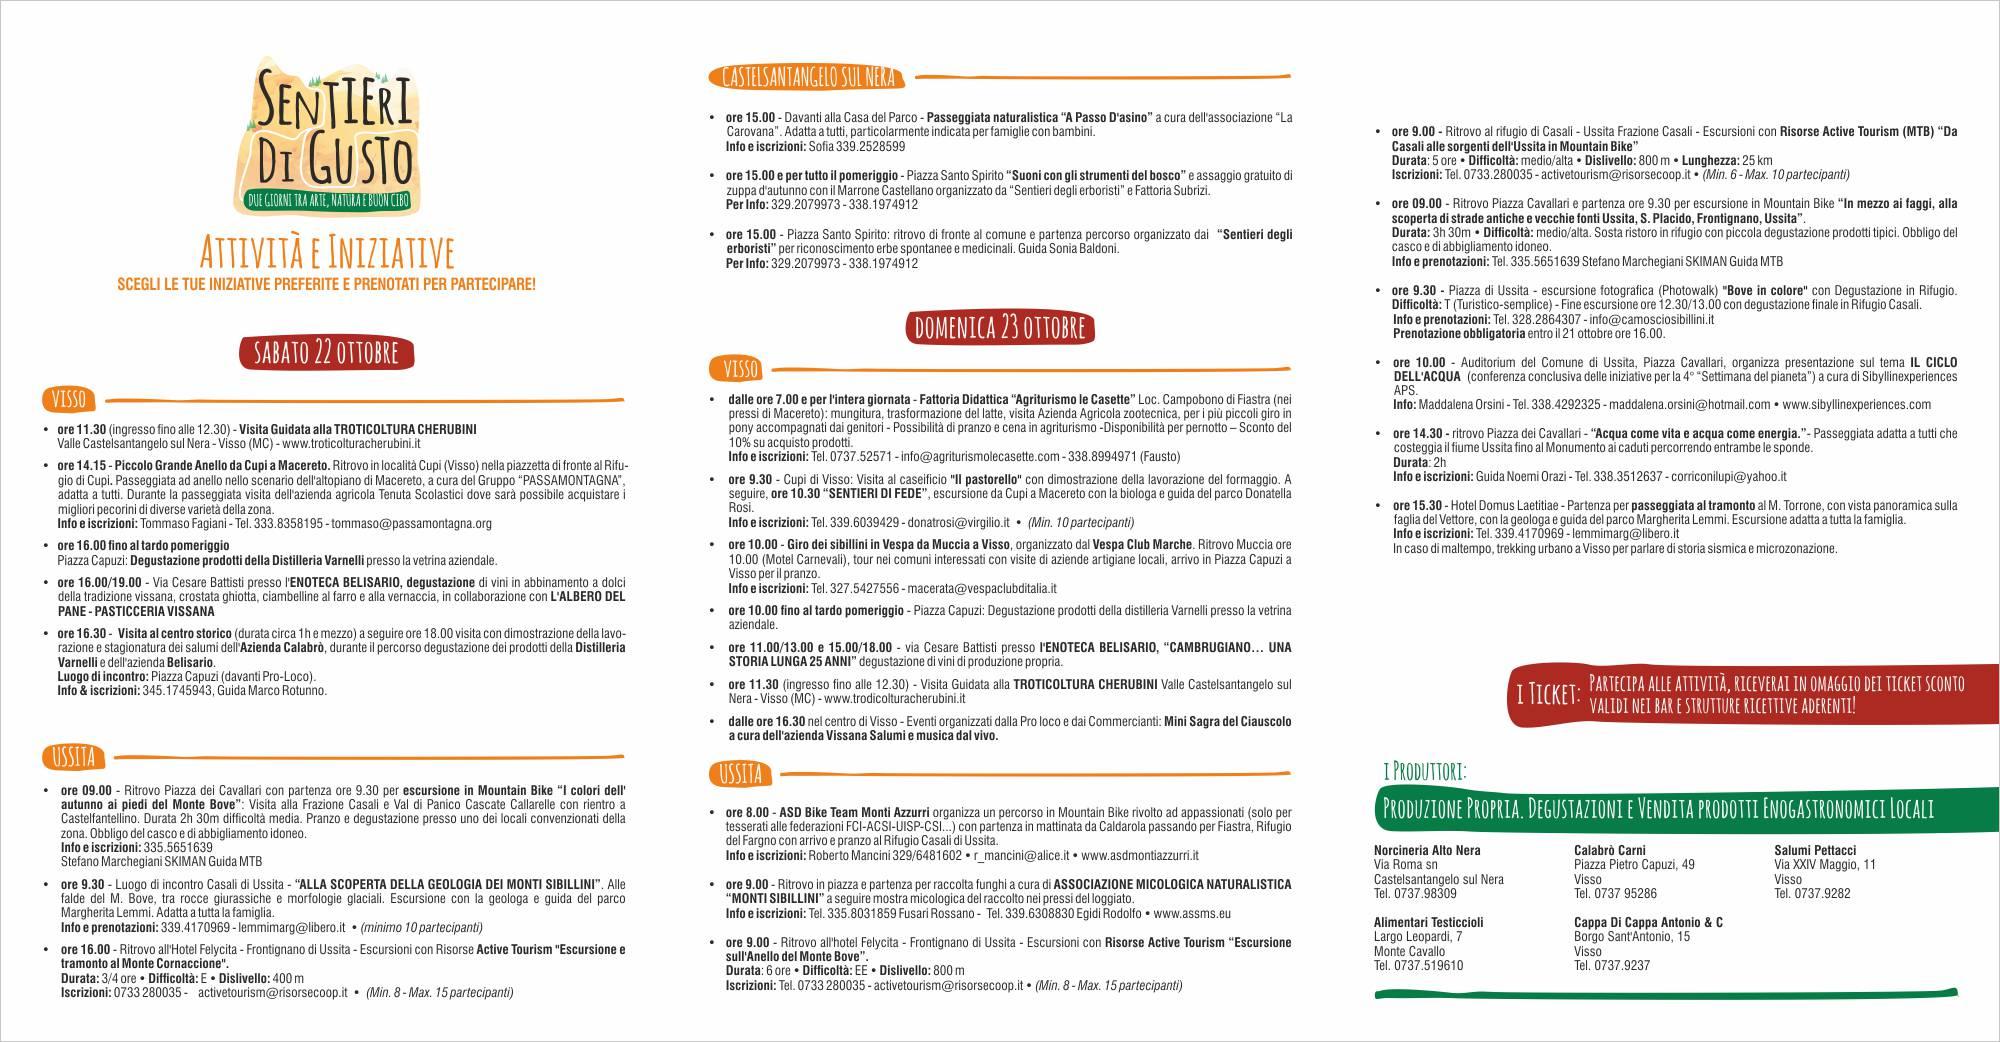 programma-iniziative-sentieri-di-gusto